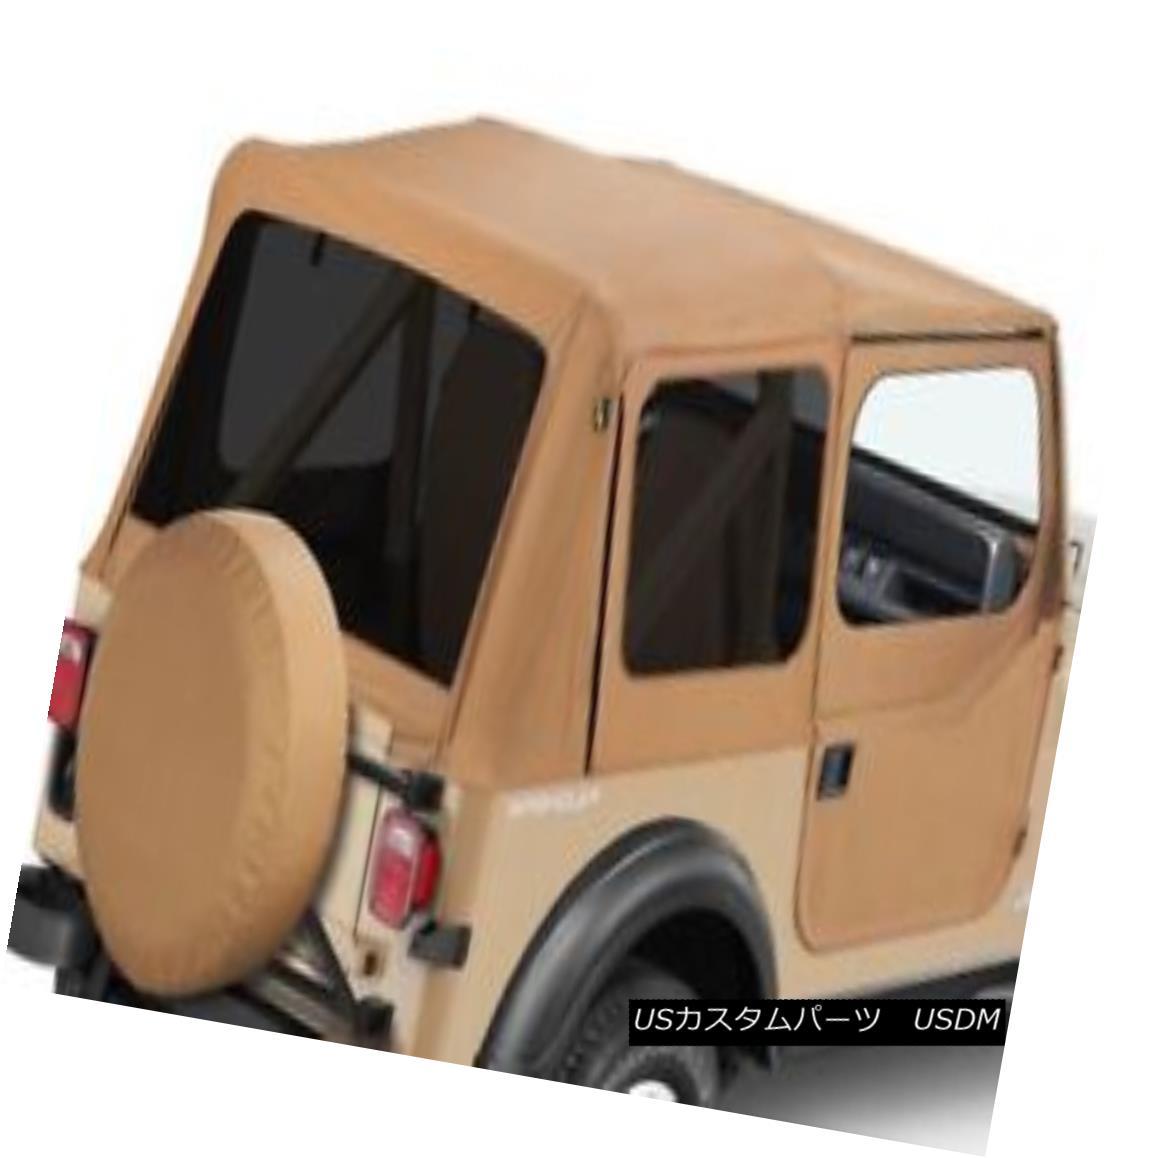 幌・ソフトトップ Bestop 51123-37 - Replace-a-Top Soft Top w Door Skins Bestop 51123-37 - 交換用トップソフトトップドアスキン